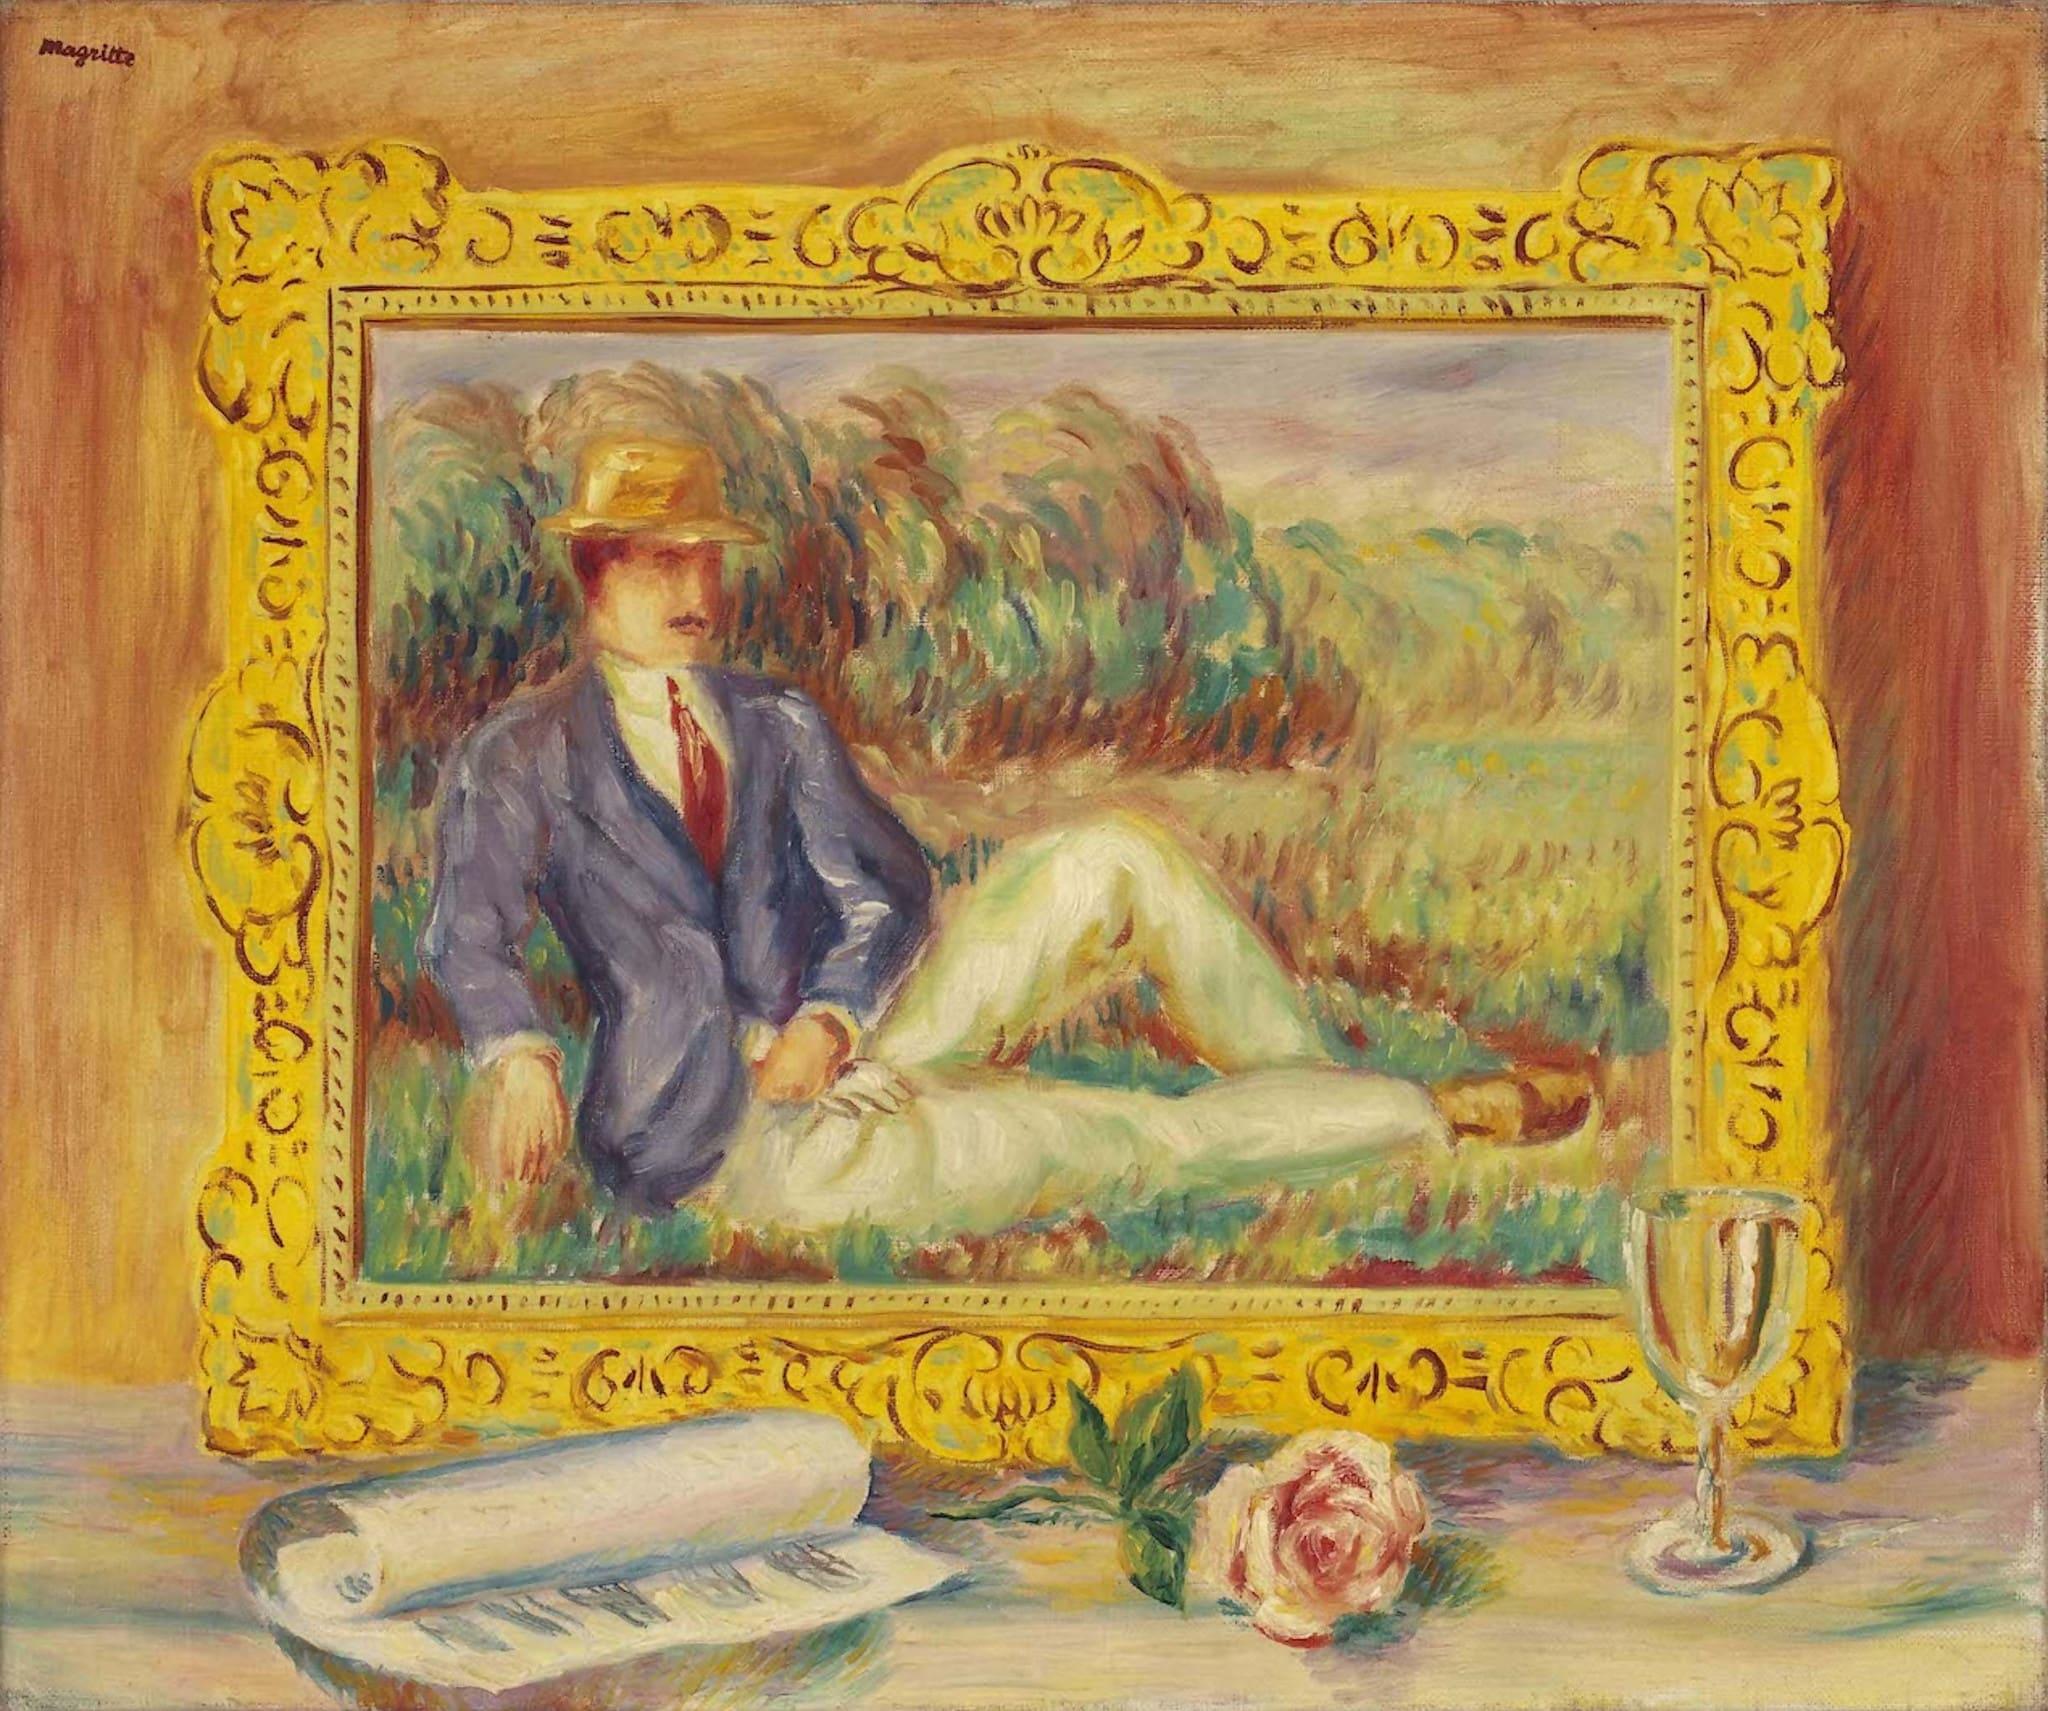 Les adieux by René Magritte